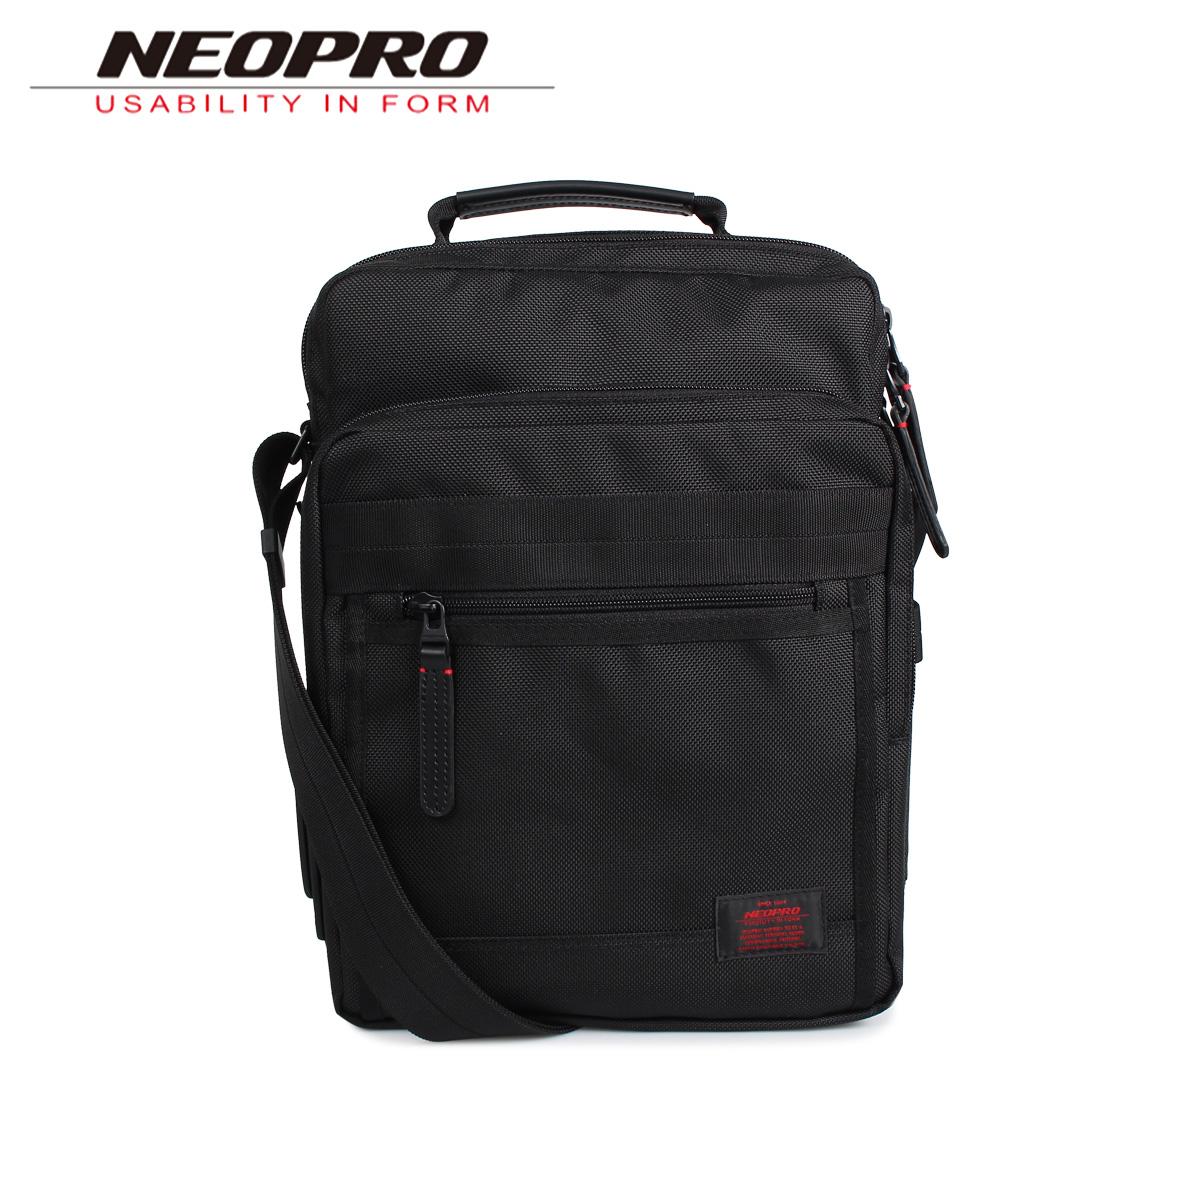 NEOPRO RED ネオプロ ショルダーバッグ メンズ ブラック 黒 2-024